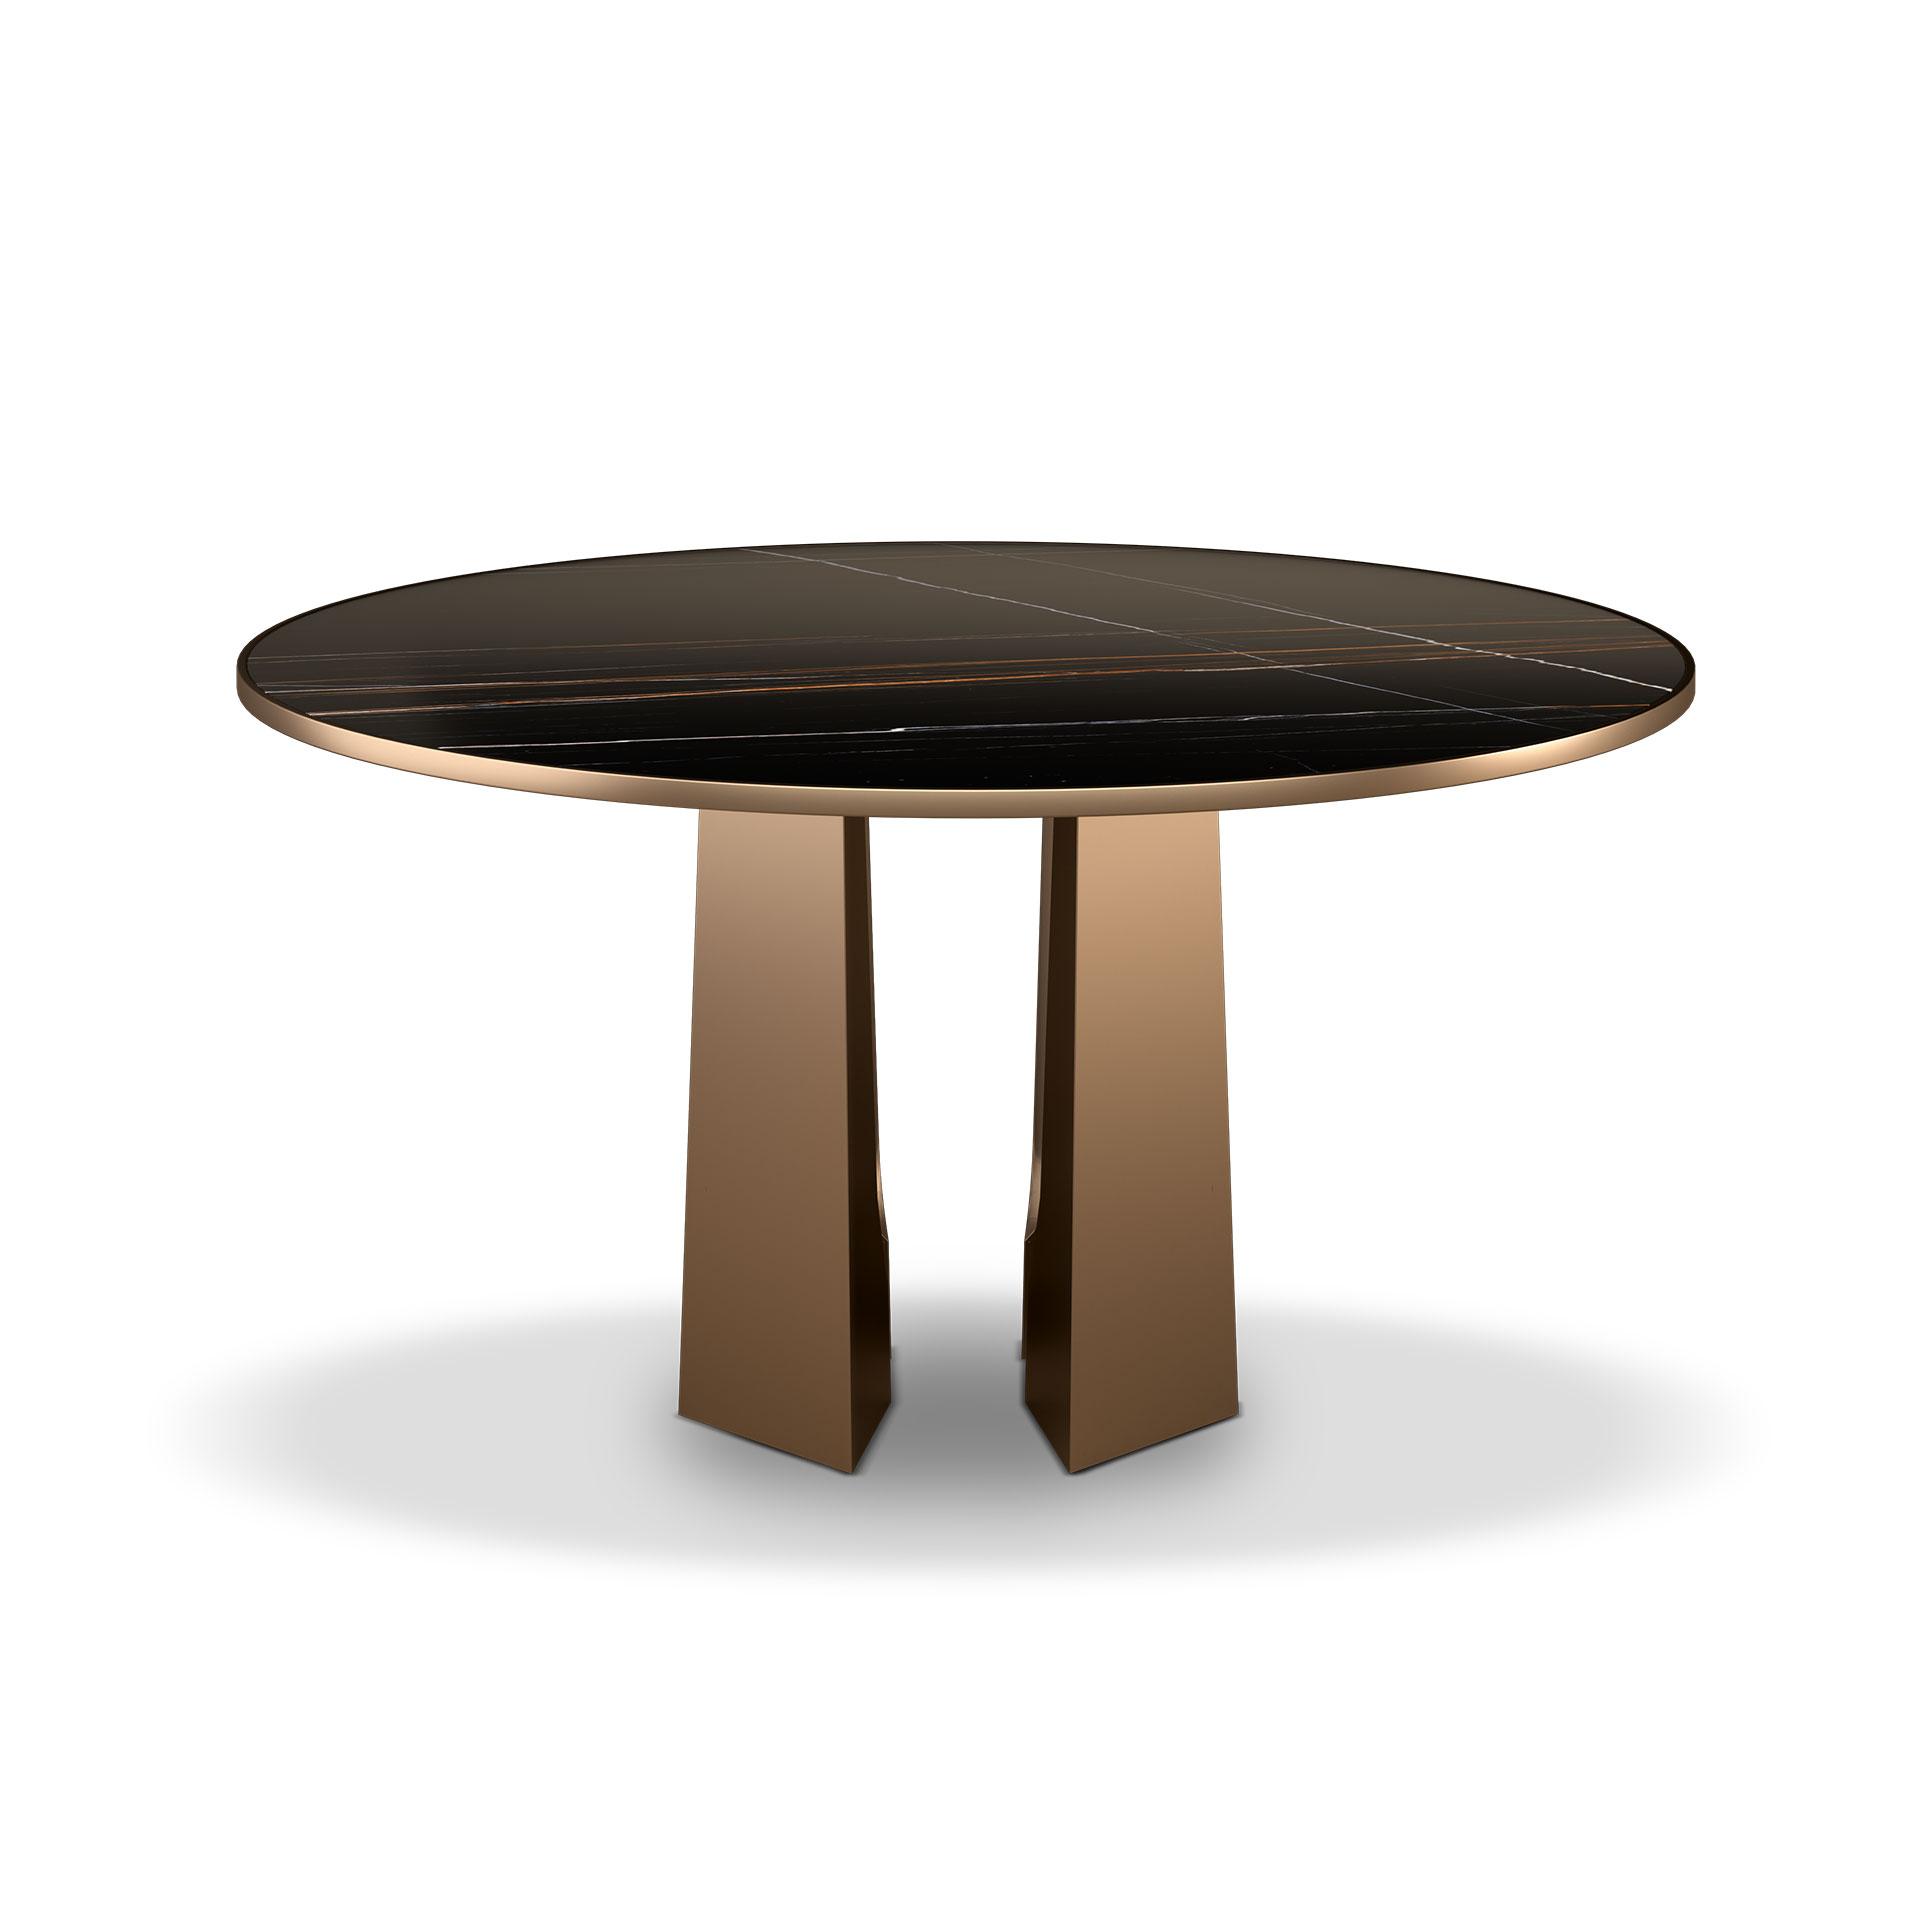 Mills dininig table